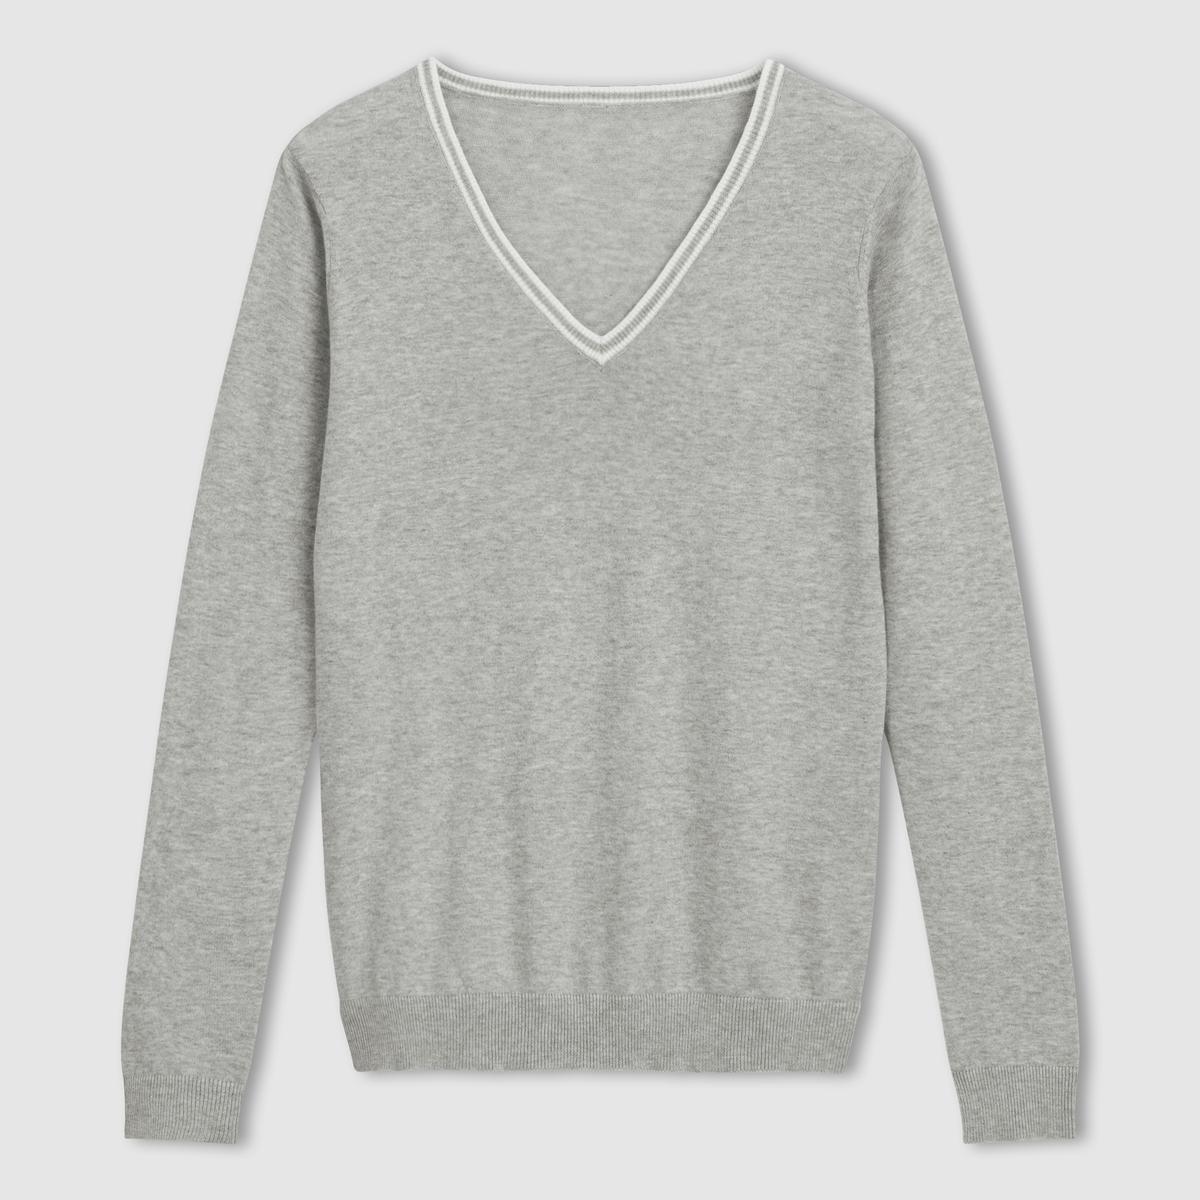 Пуловер 100% хлопка с V-образным вырезомПуловер с V-образным вырезом . 100% хлопка .Воротник с контрастным кантом .  Края выреза, манжет и низа связаны в рубчик . Длина 64 см.<br><br>Цвет: серый меланж<br>Размер: 46/48 (FR) - 52/54 (RUS).50/52 (FR) - 56/58 (RUS)